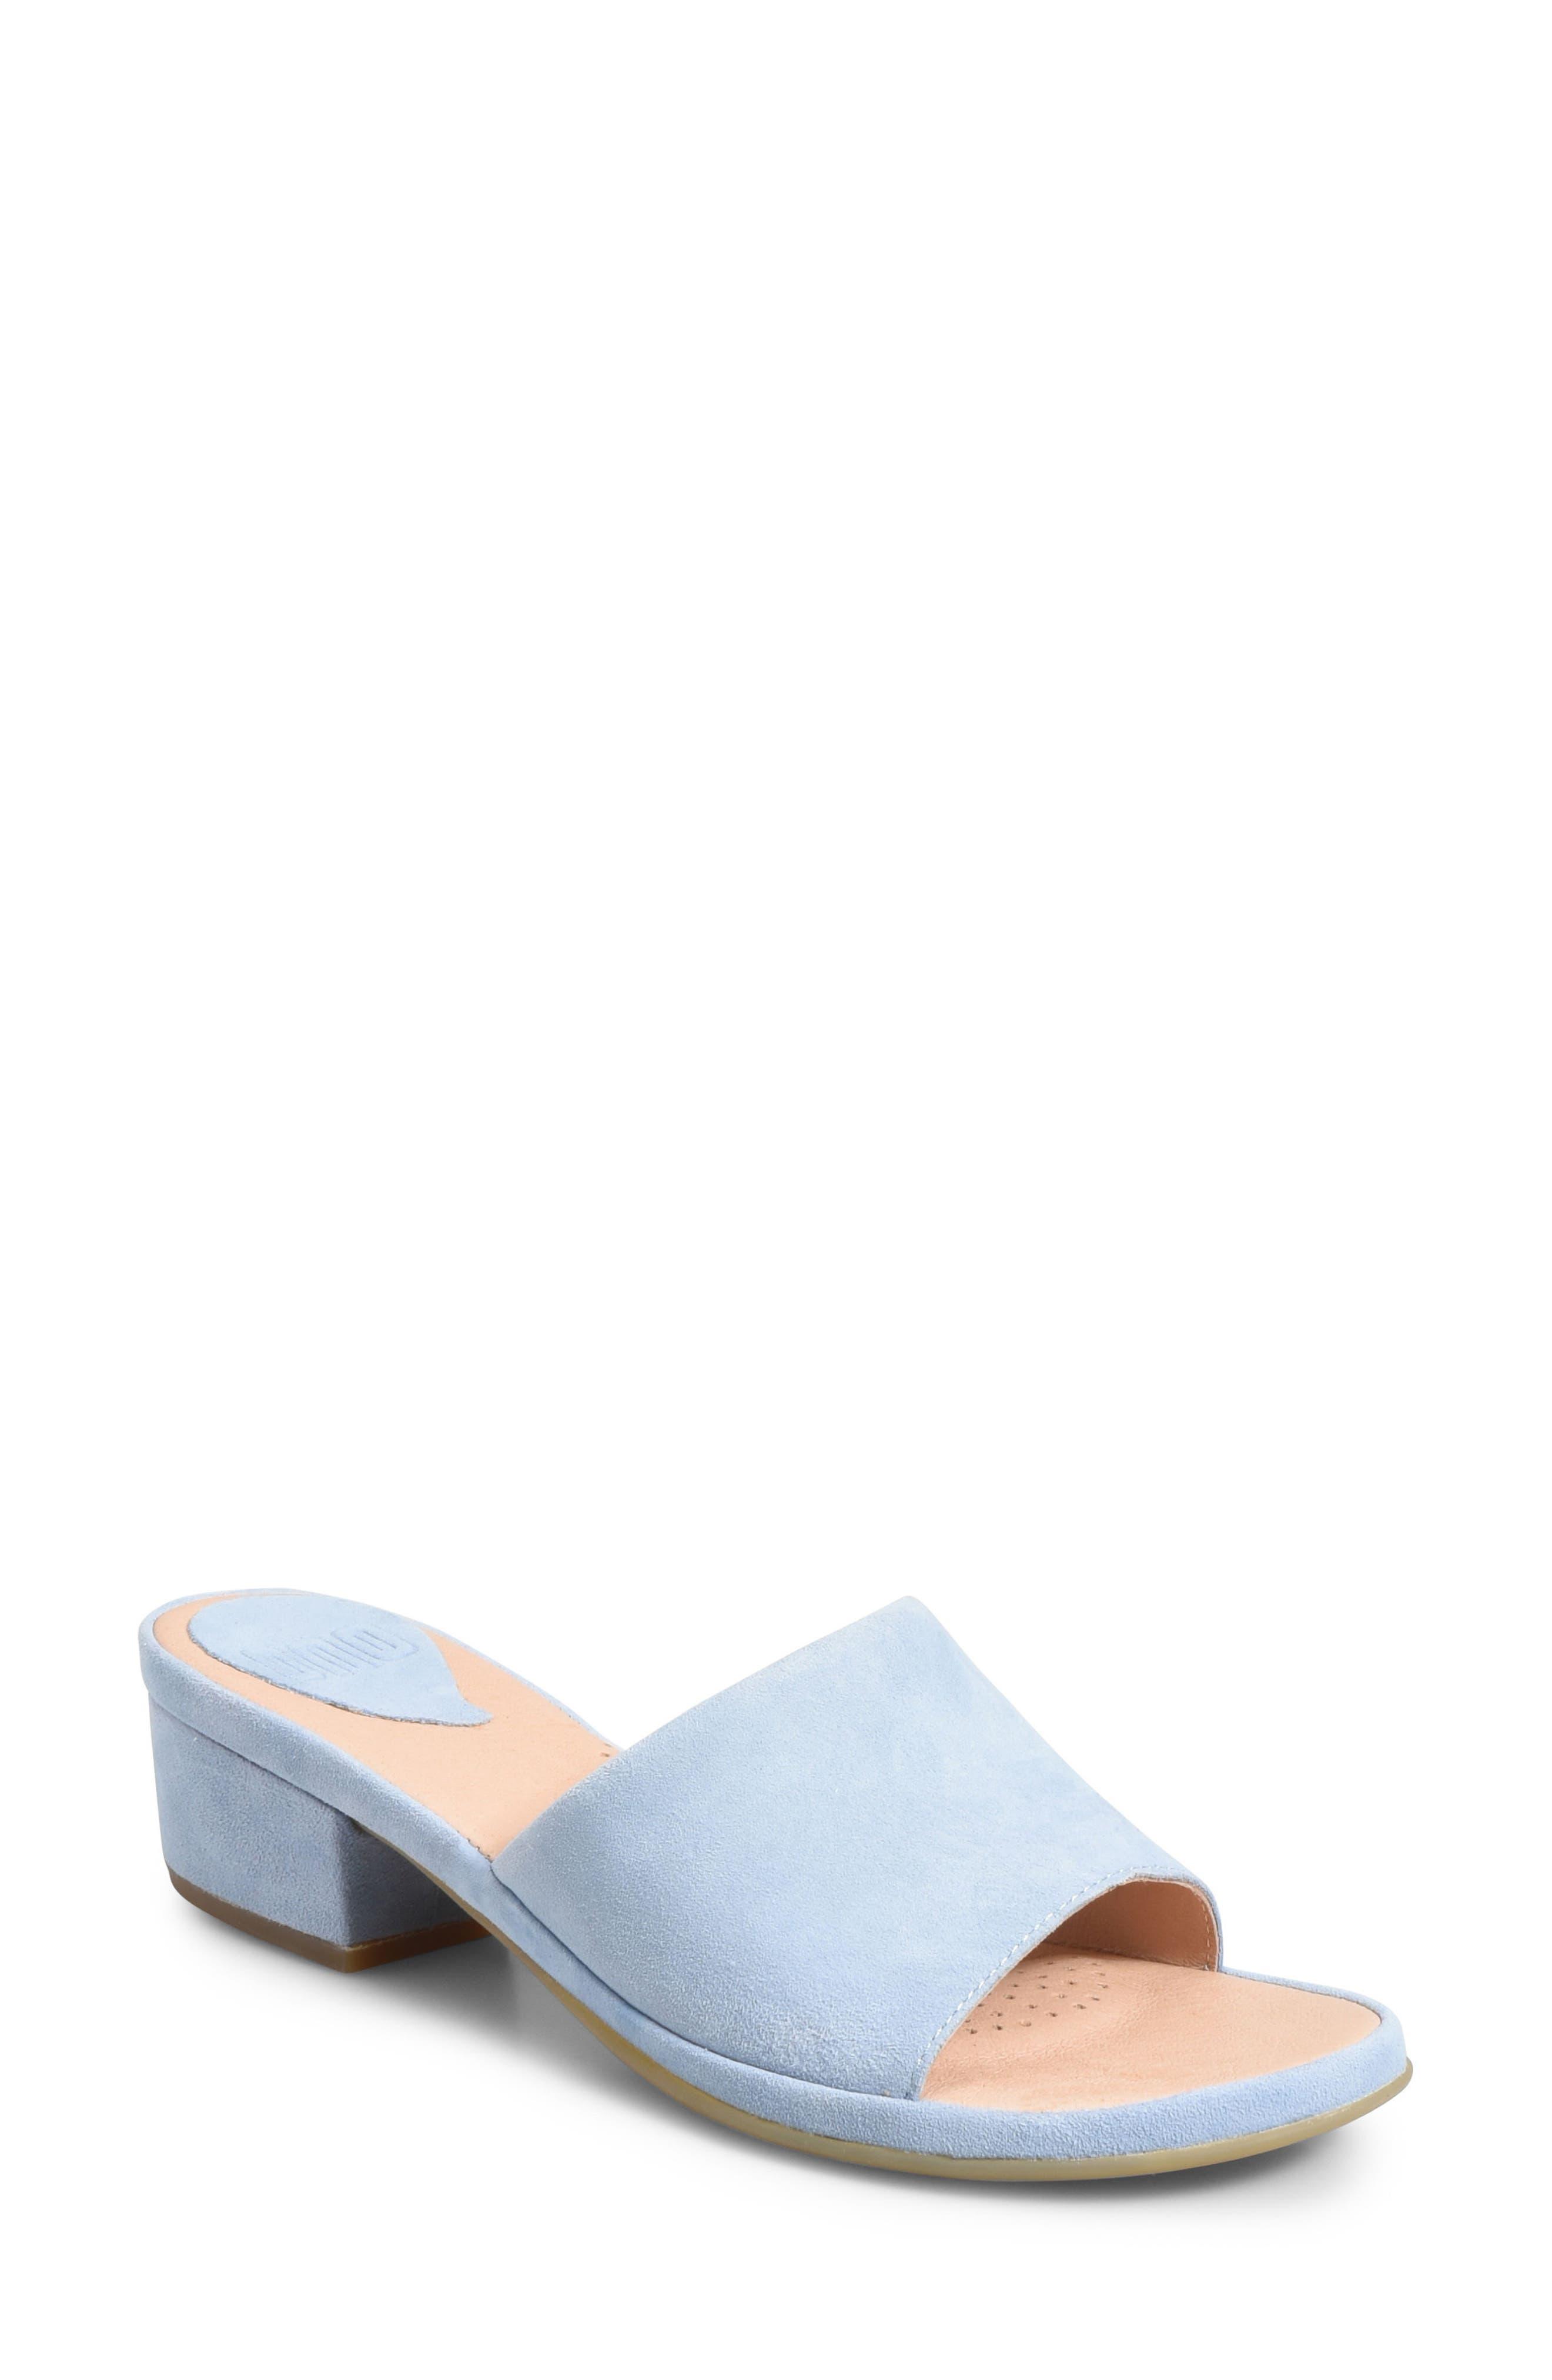 Bo Block Heel Slide Sandal,                         Main,                         color, Light Blue Suede